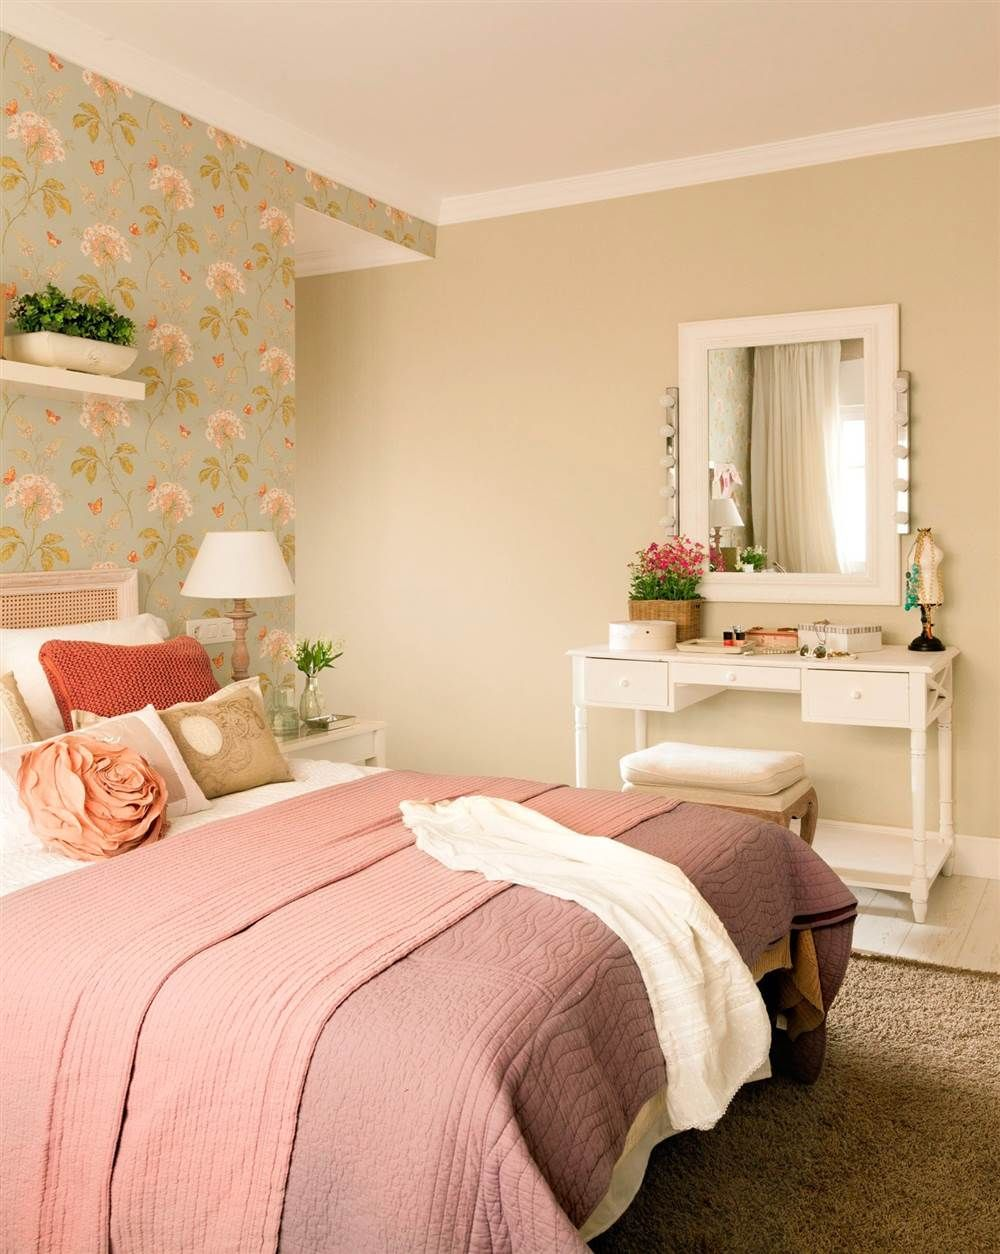 Dormitorio Con Papel Pintado Verde Con Flores Ropa De Cama Rosa  ~ Habitaciones Juveniles Con Papel Pintado